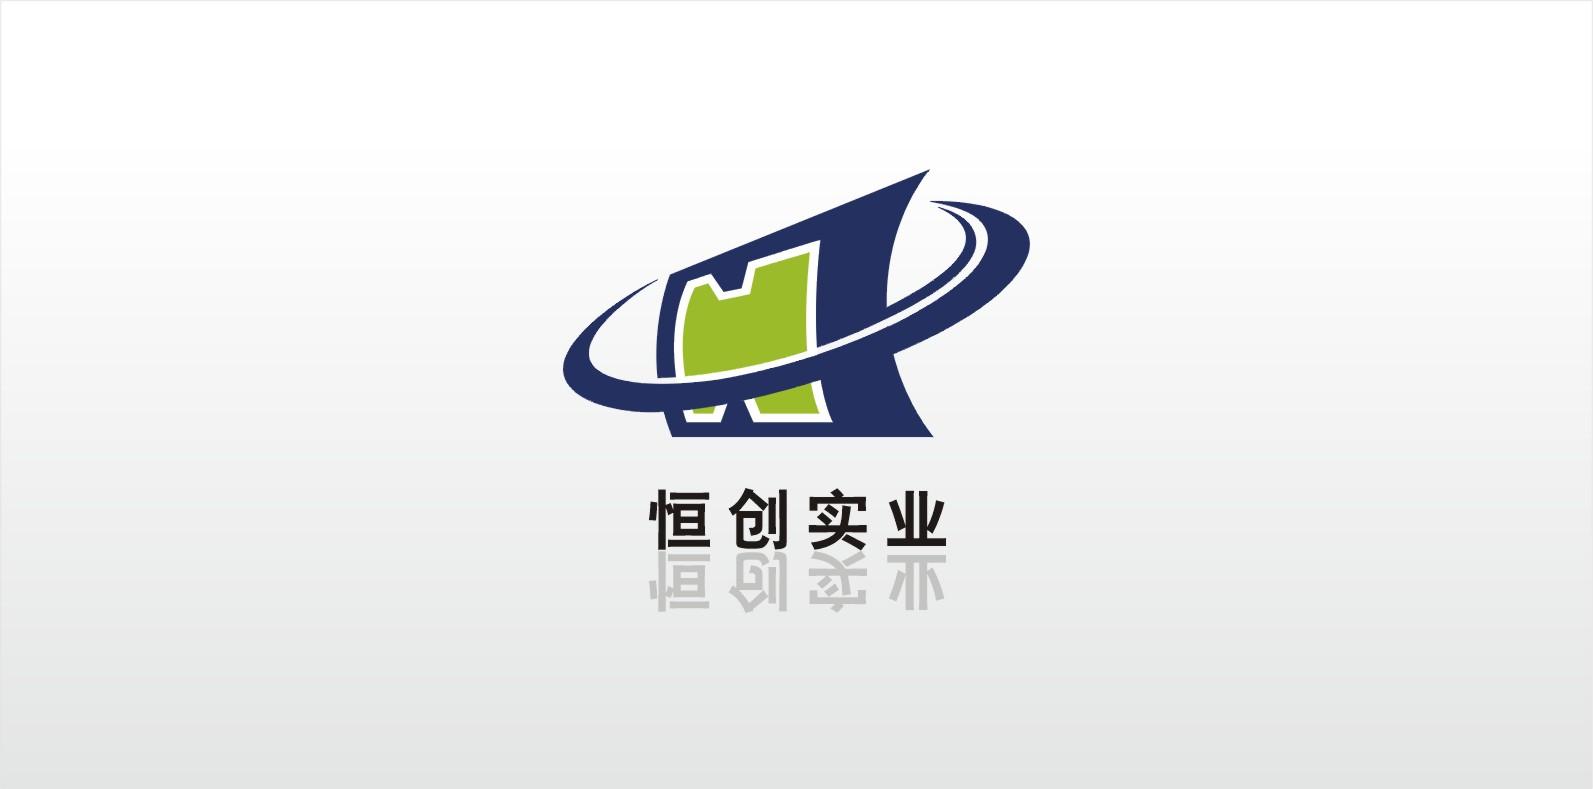 公司logo标志(投票中,20号截止)- 稿件[#1848426] -       龙卷风设计